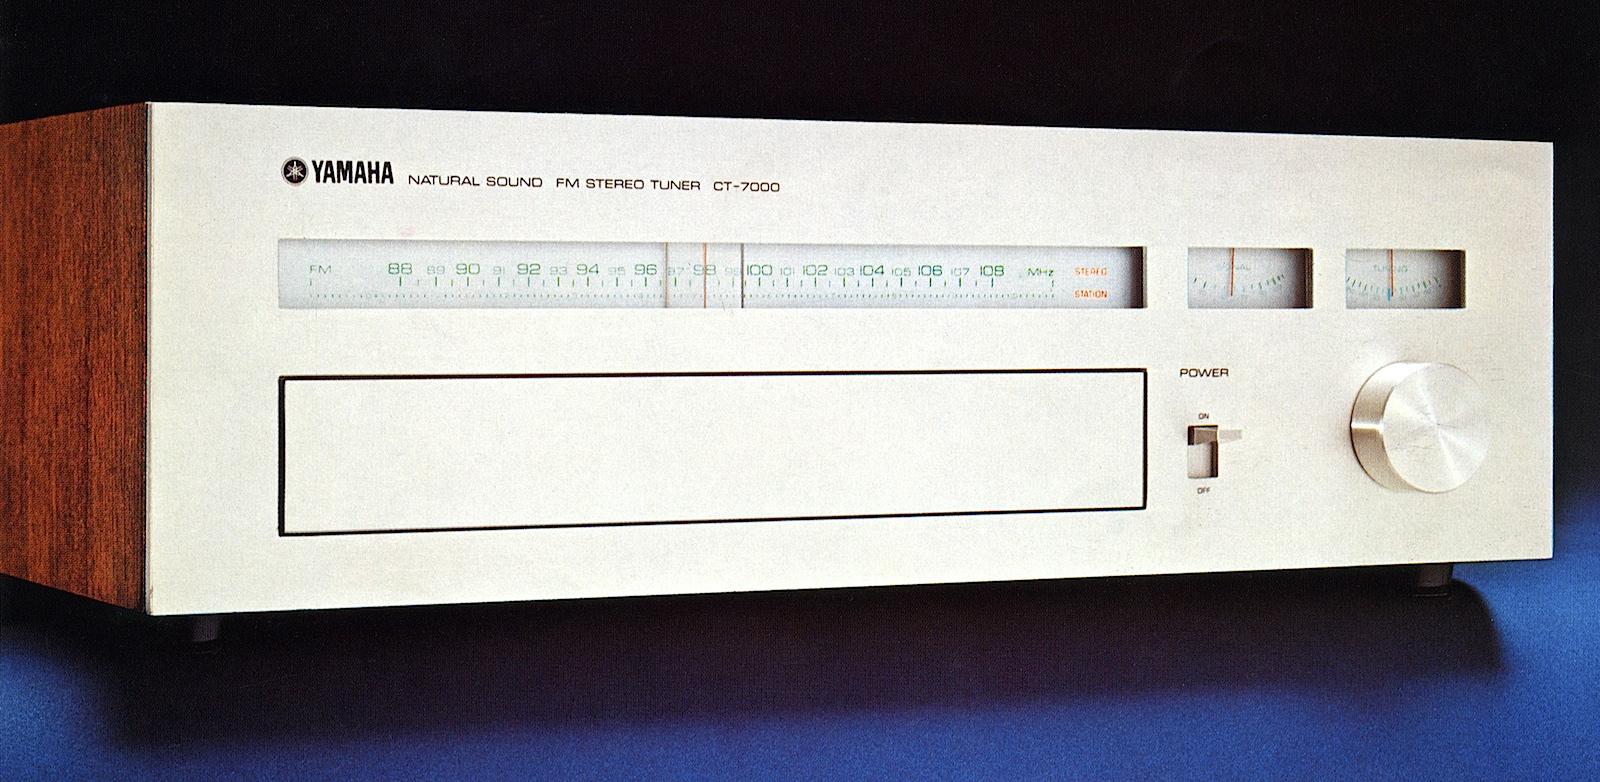 GUERRA CIVIL JAPONESA DEL AUDIO (70,s 80,s) - Página 6 Yamaha-ct7000